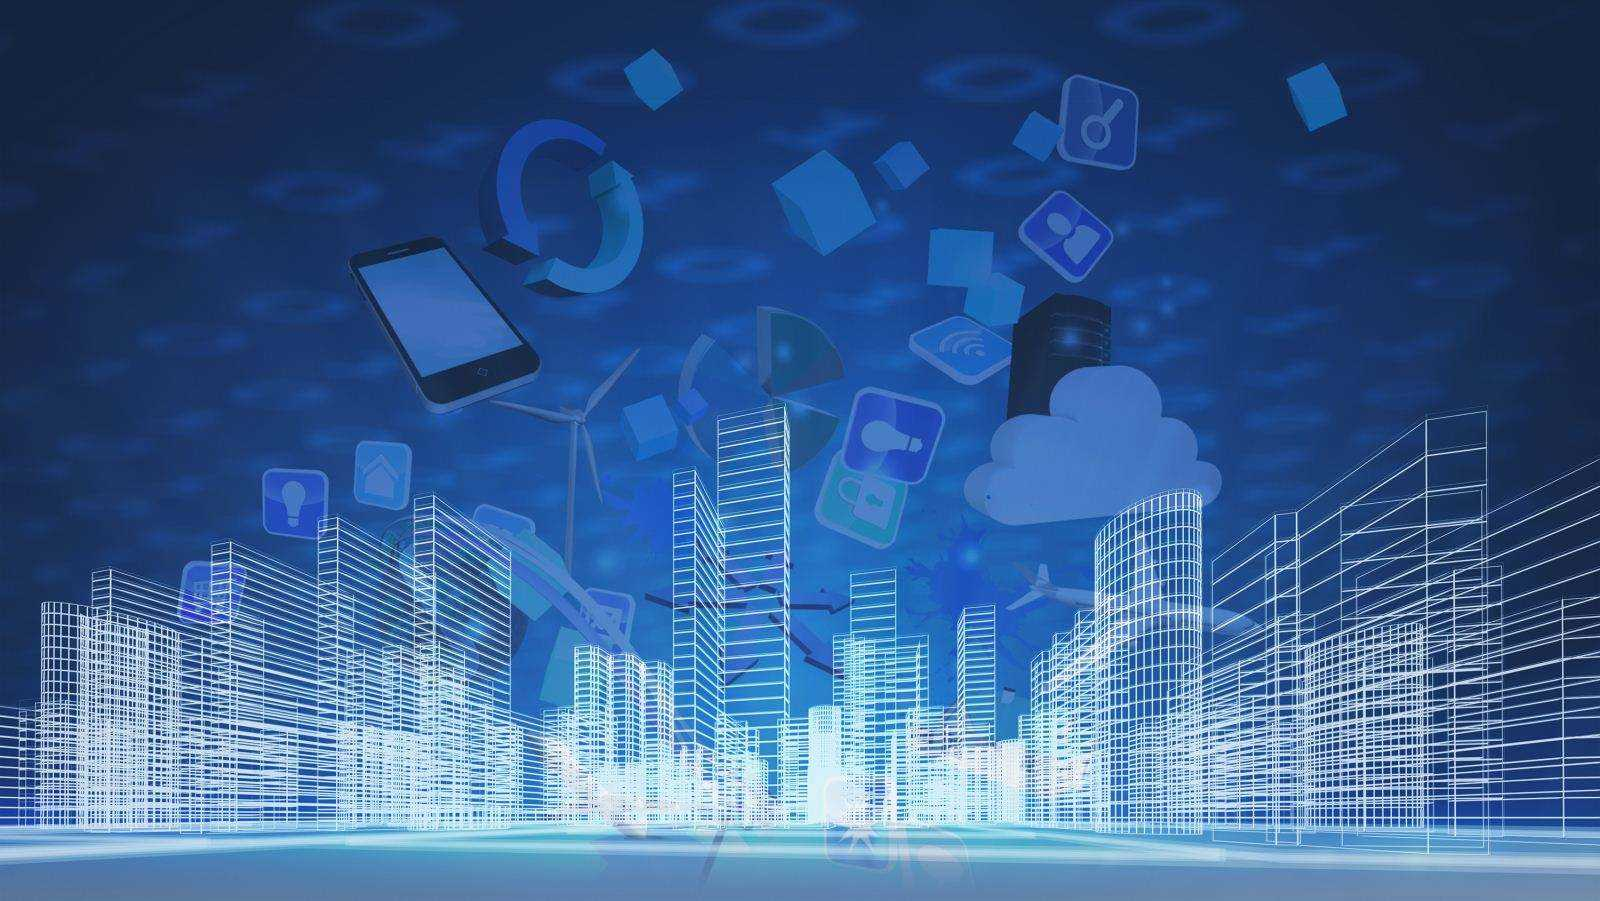 地级市智慧城市建设项目